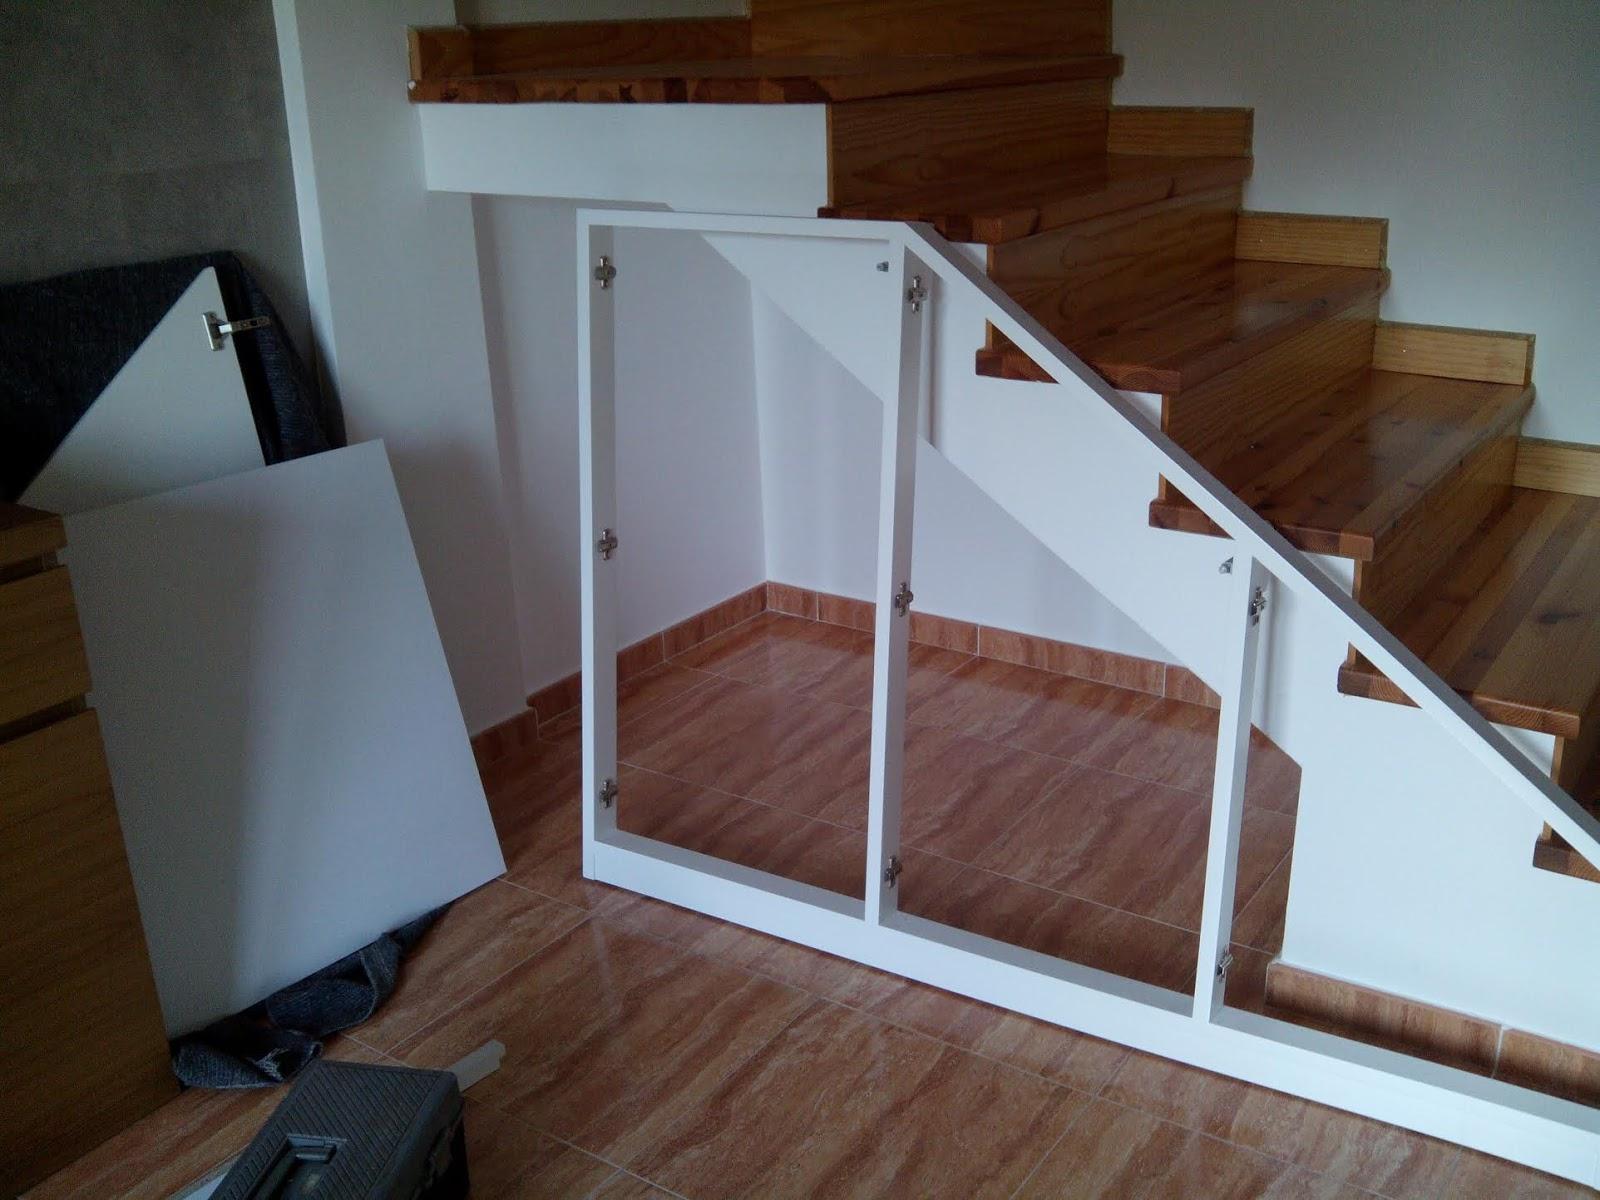 Muebles bajo escalera simple good comprar muebles de ikea for Mueble escalera ikea